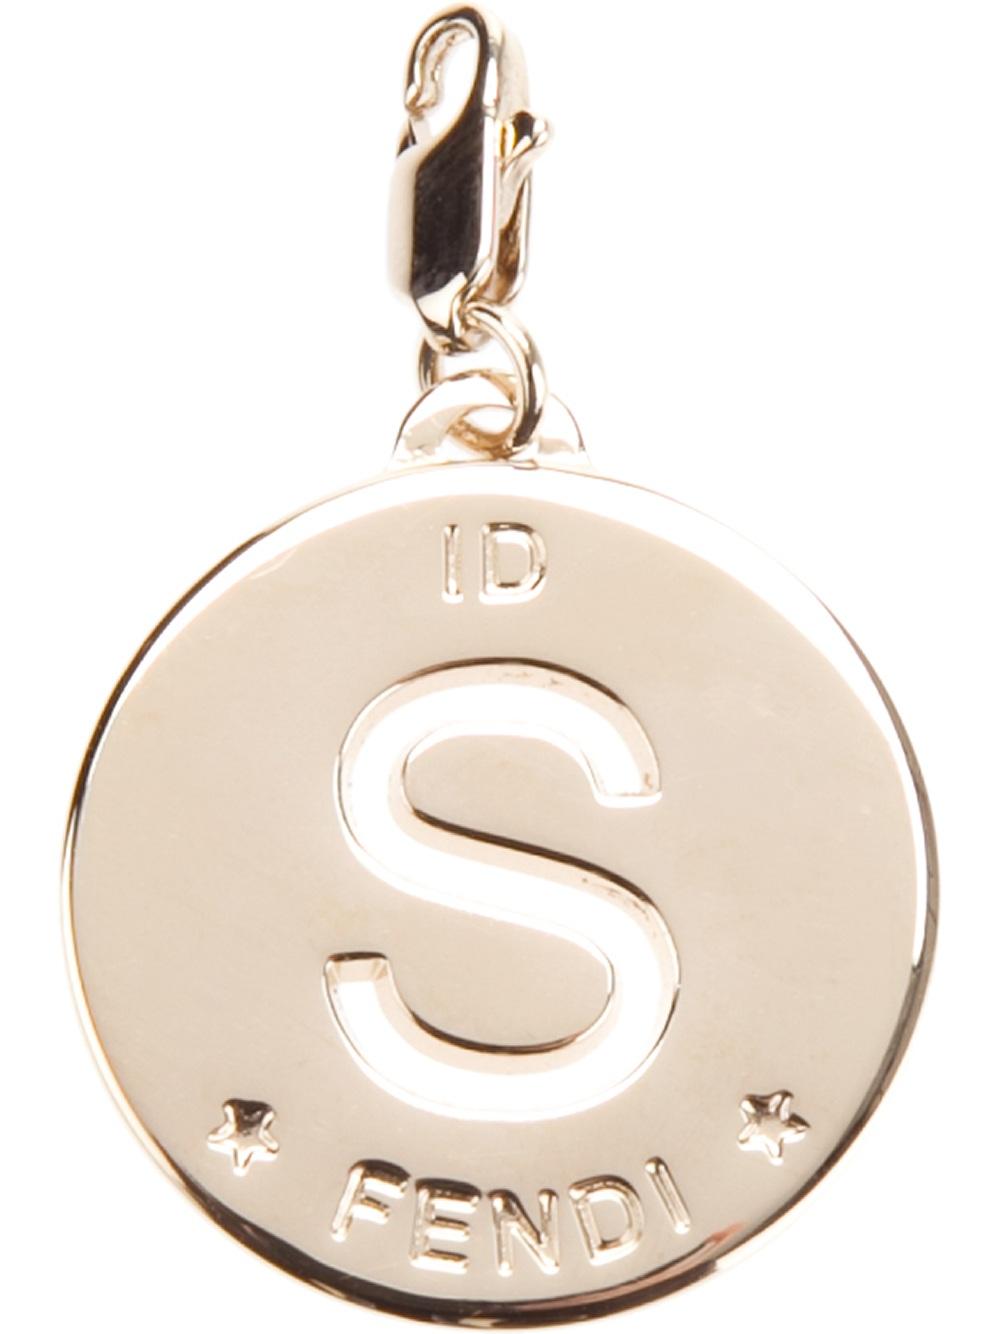 Fendi letter charm for Fendi letter keychain